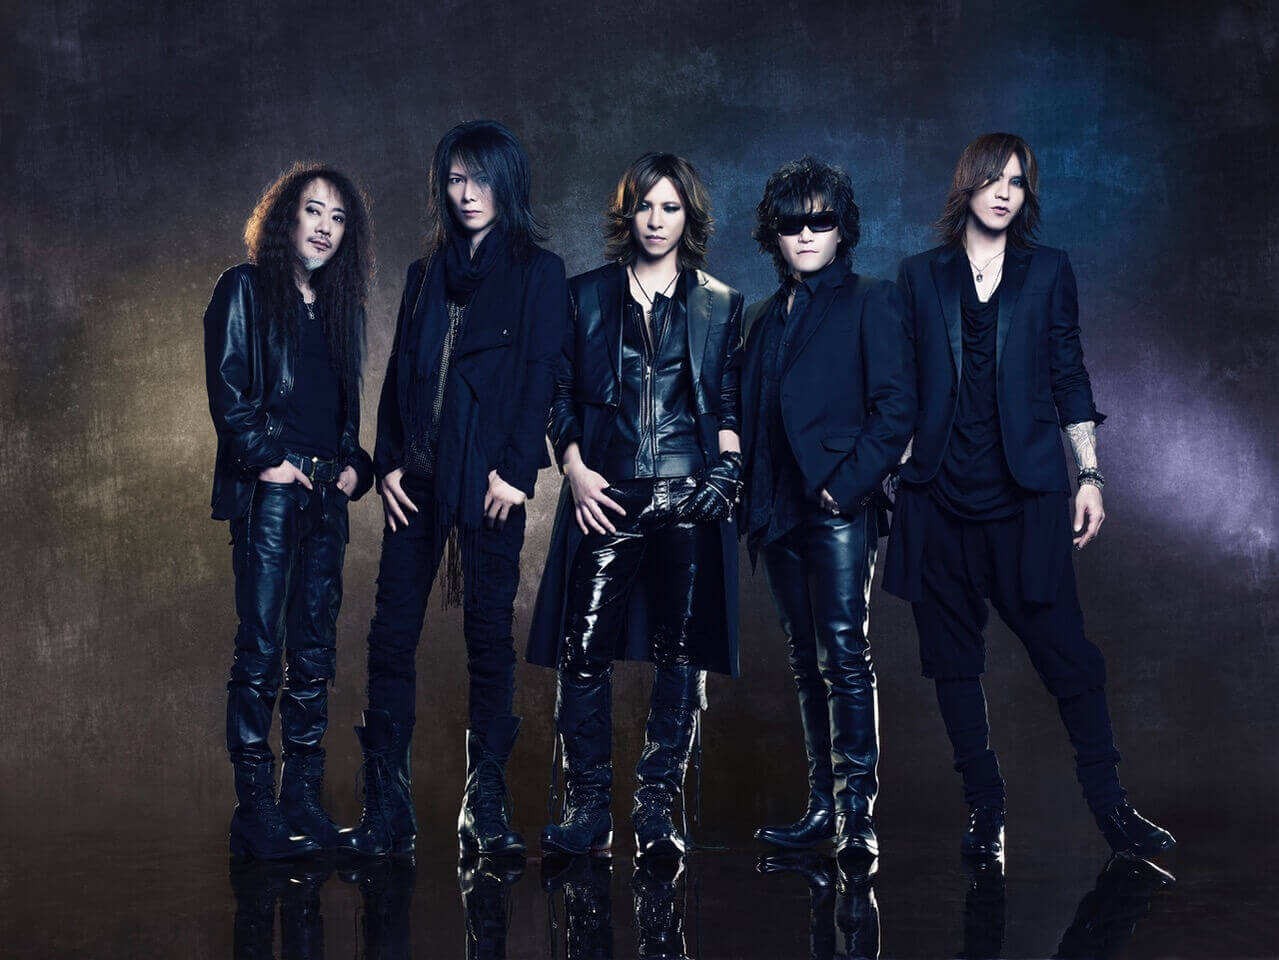 SUGIZO HIDEさん亡き後X JAPAN加入を「1年くらい考えた」サムネイル画像